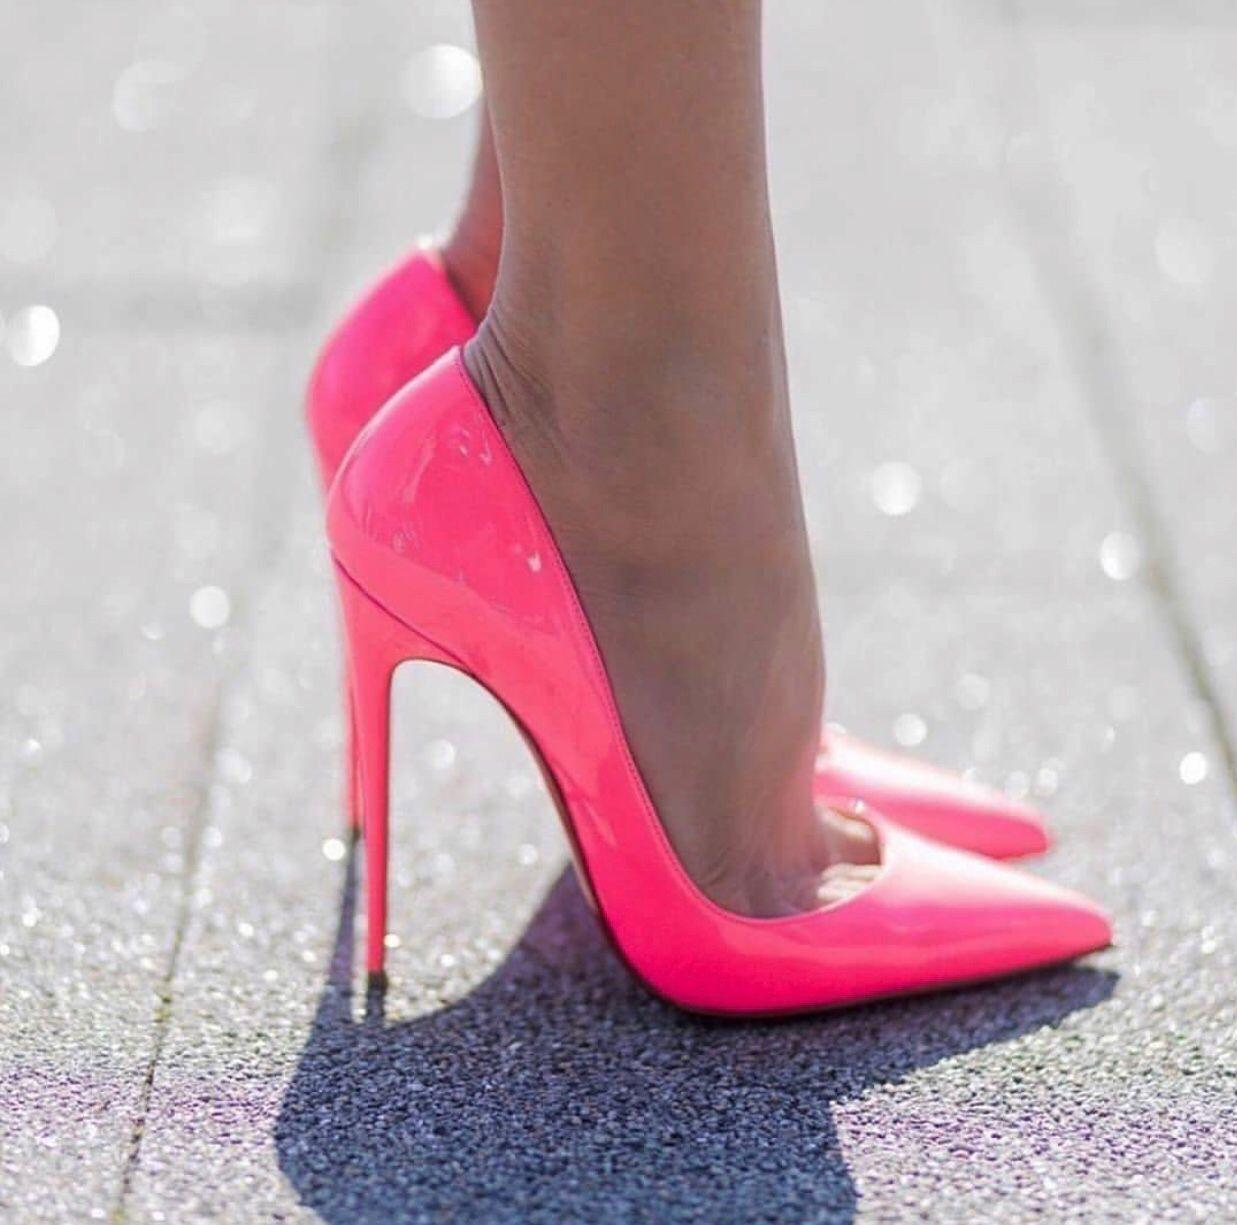 Art und Weise Frauen rote untere Absatzschuhe schwarz flacher Mund feine Ferse spitze Zehe Frauen Hochzeit klassische Stiletto Pumpe herrliche Farben